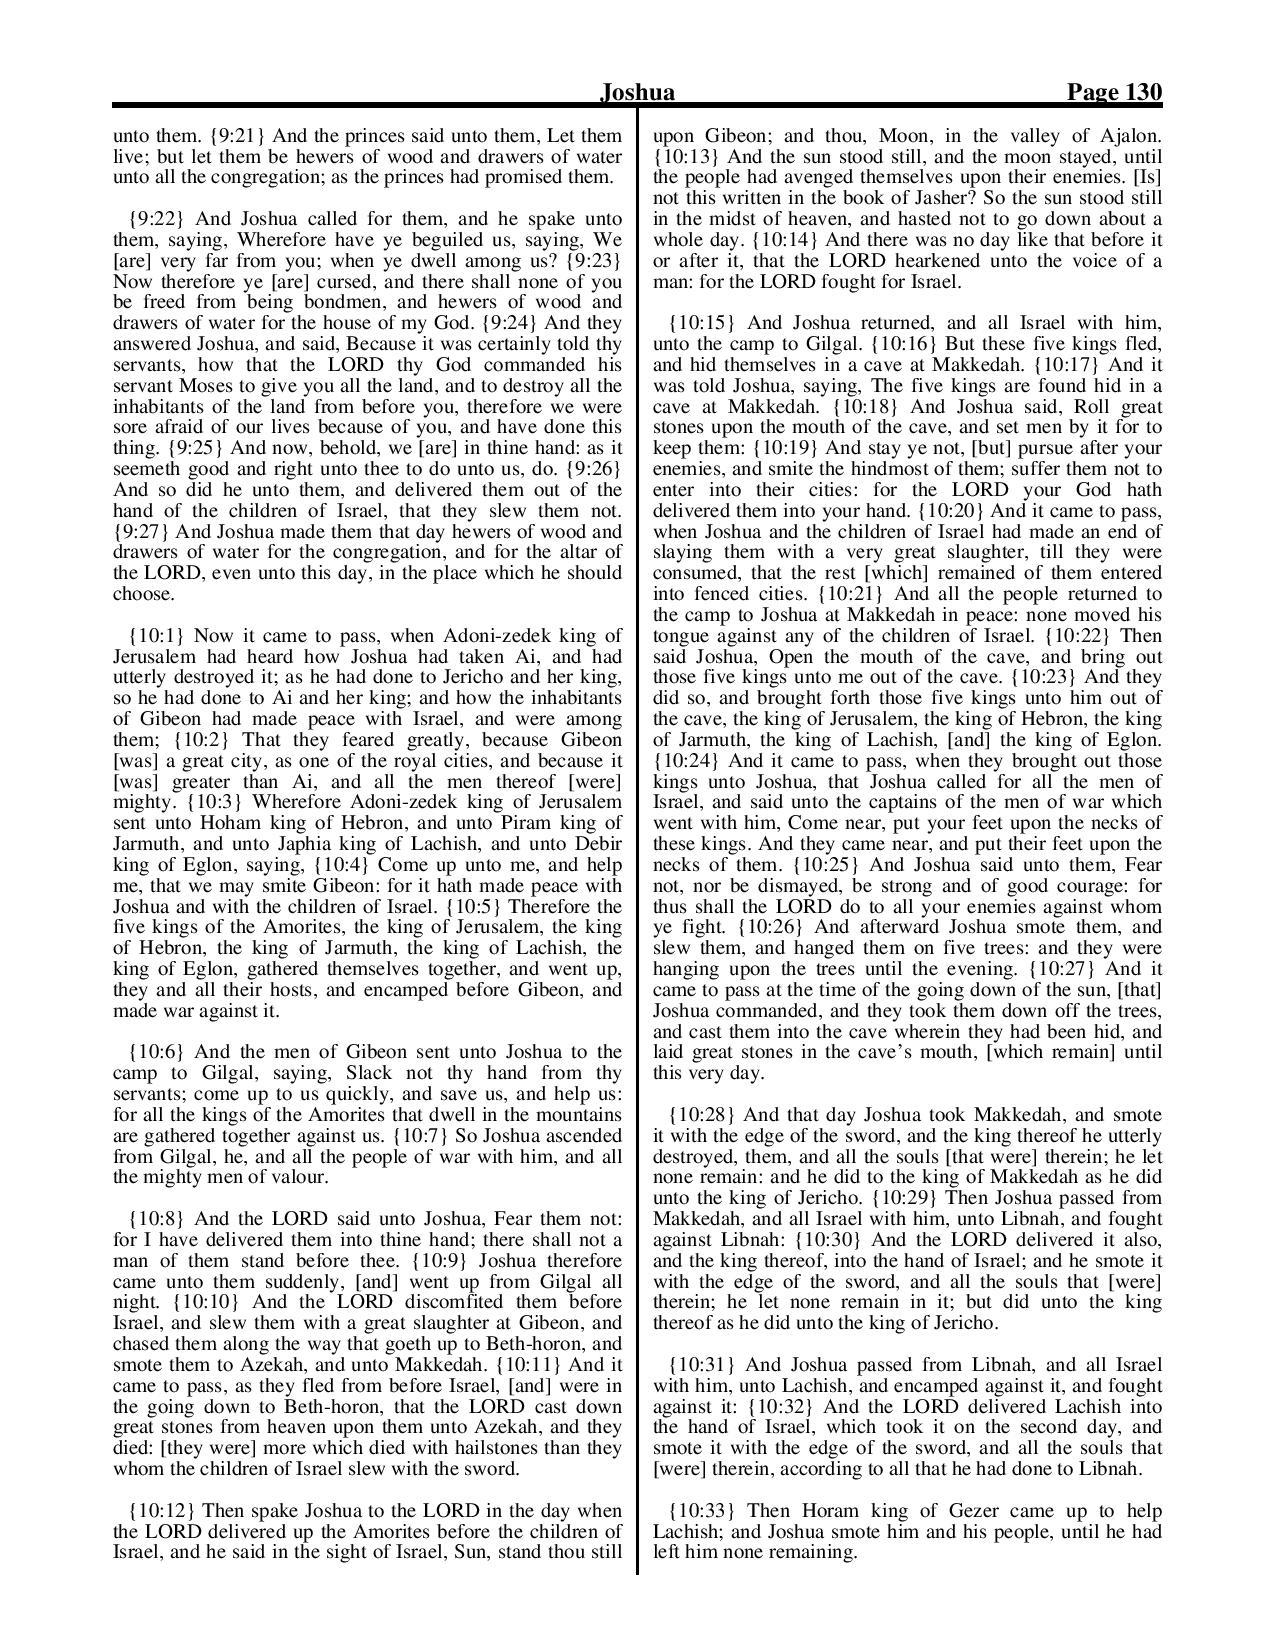 King-James-Bible-KJV-Bible-PDF-page-151